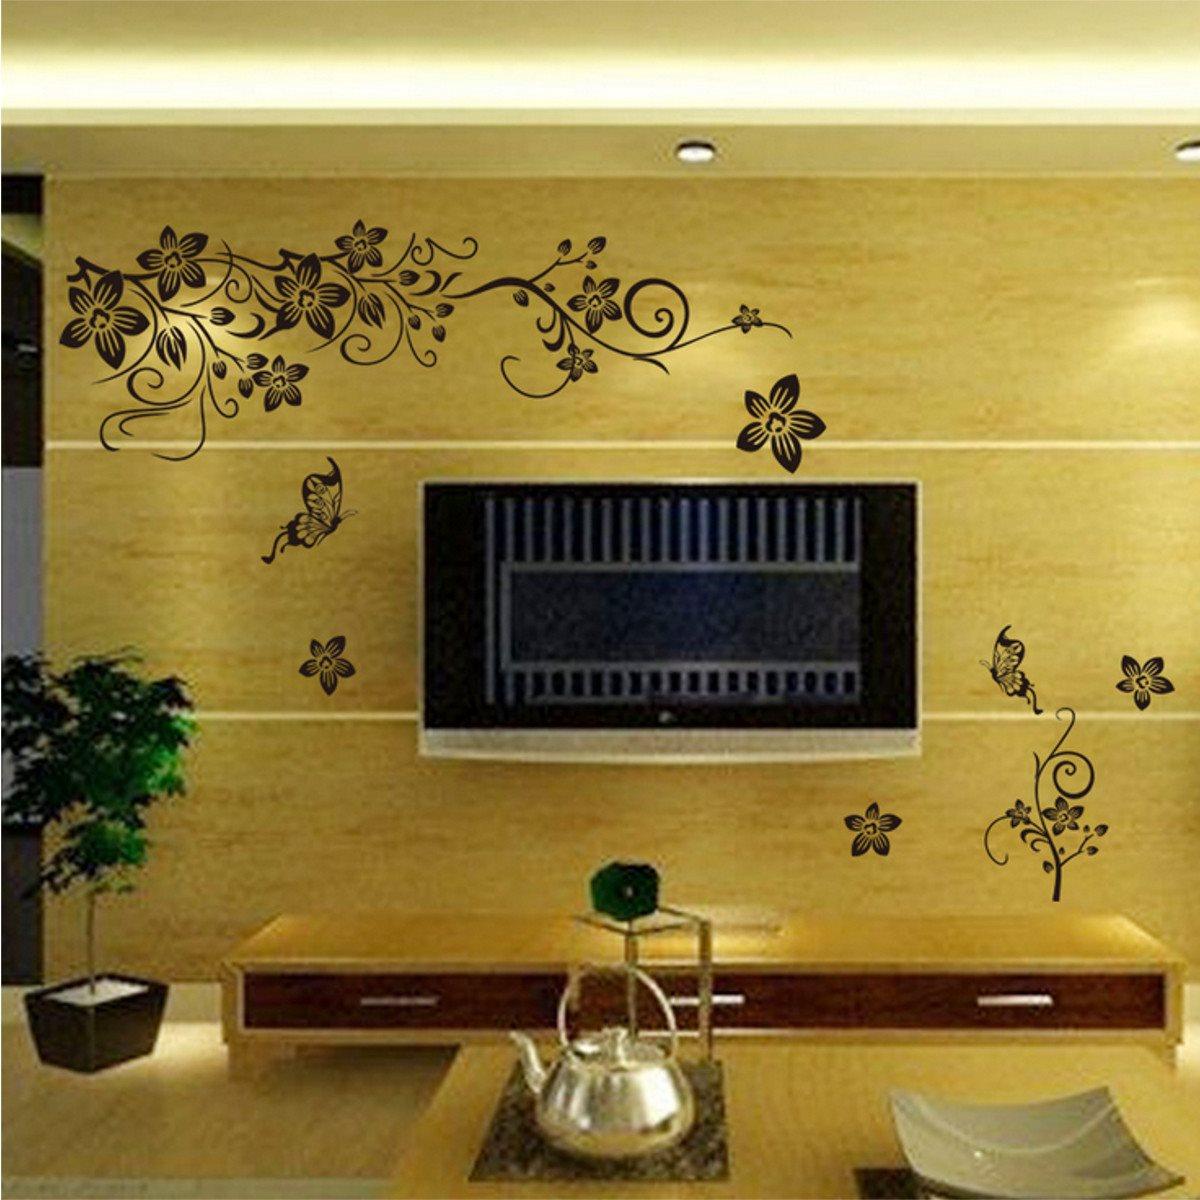 Wall Decor Sticker Online Get Cheap Shop Wall Decor Aliexpresscom Alibaba Group